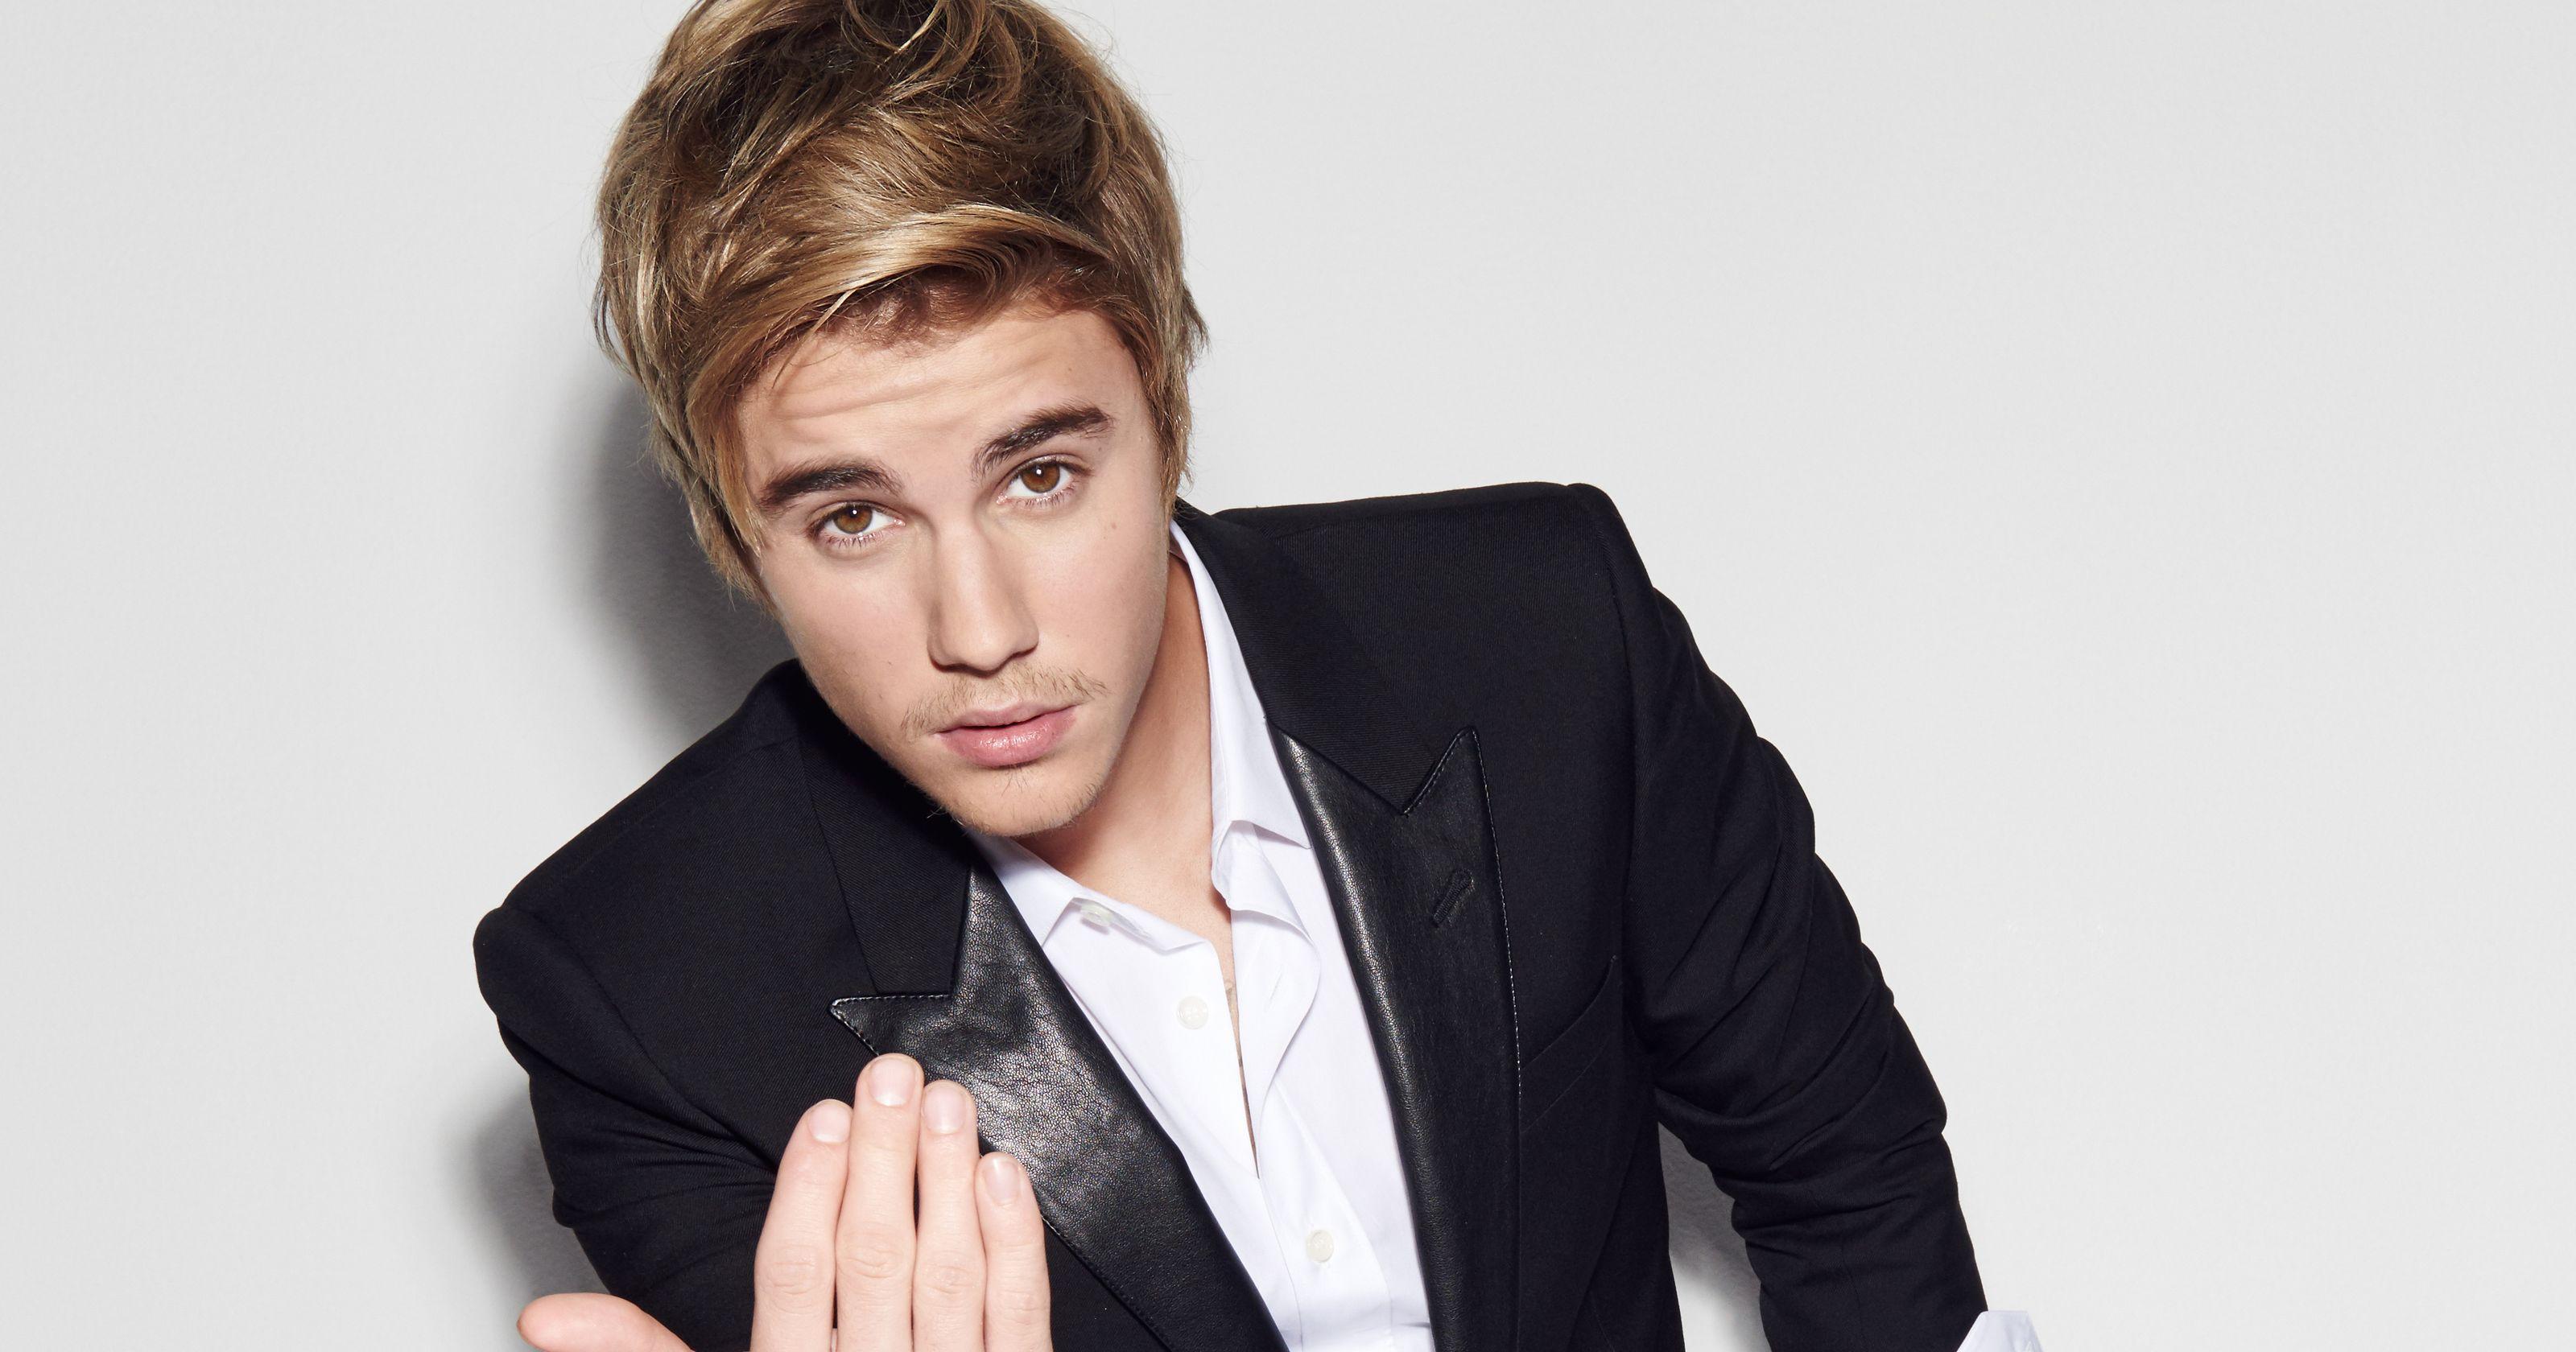 Justin Bieber a publié une vidéo sur Snapchat dans laquelle le chanteur annonce la sortie prochaine d'un nouveau single